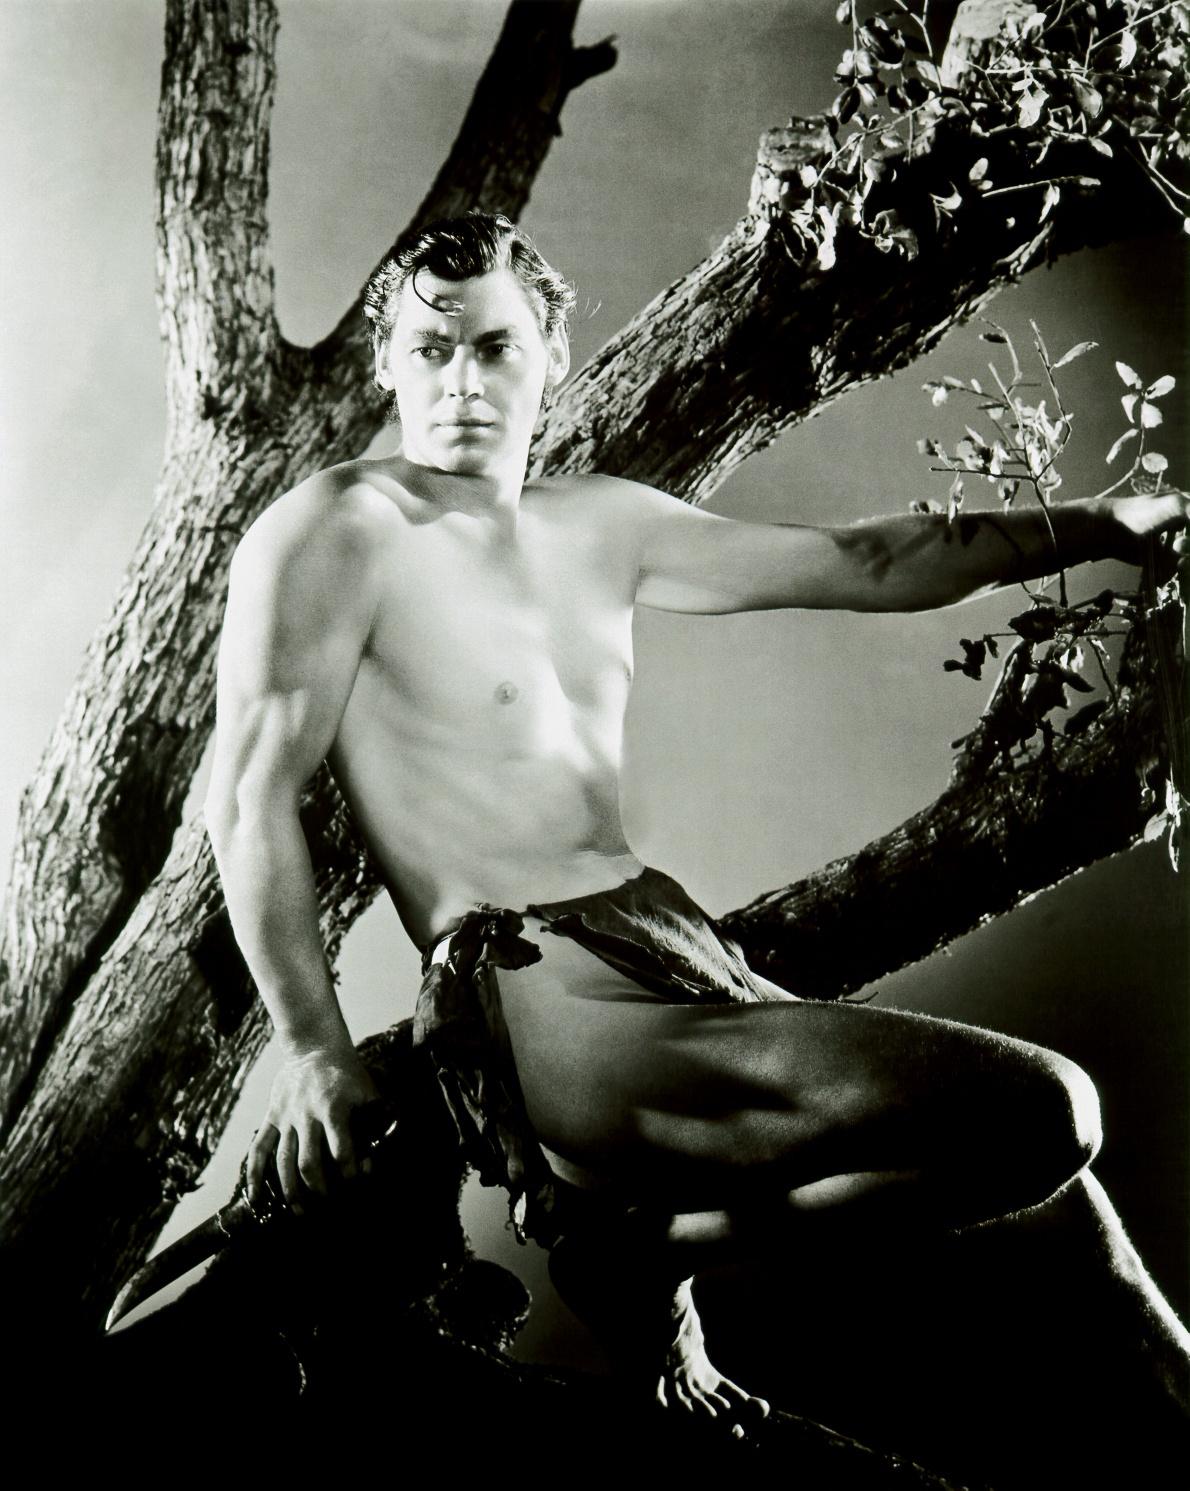 http://4.bp.blogspot.com/-G5vxs4eJKFA/Ten3OsdMvaI/AAAAAAAAEUw/xahprXAdbpI/s1600/weissmuller-Tarzan.jpg